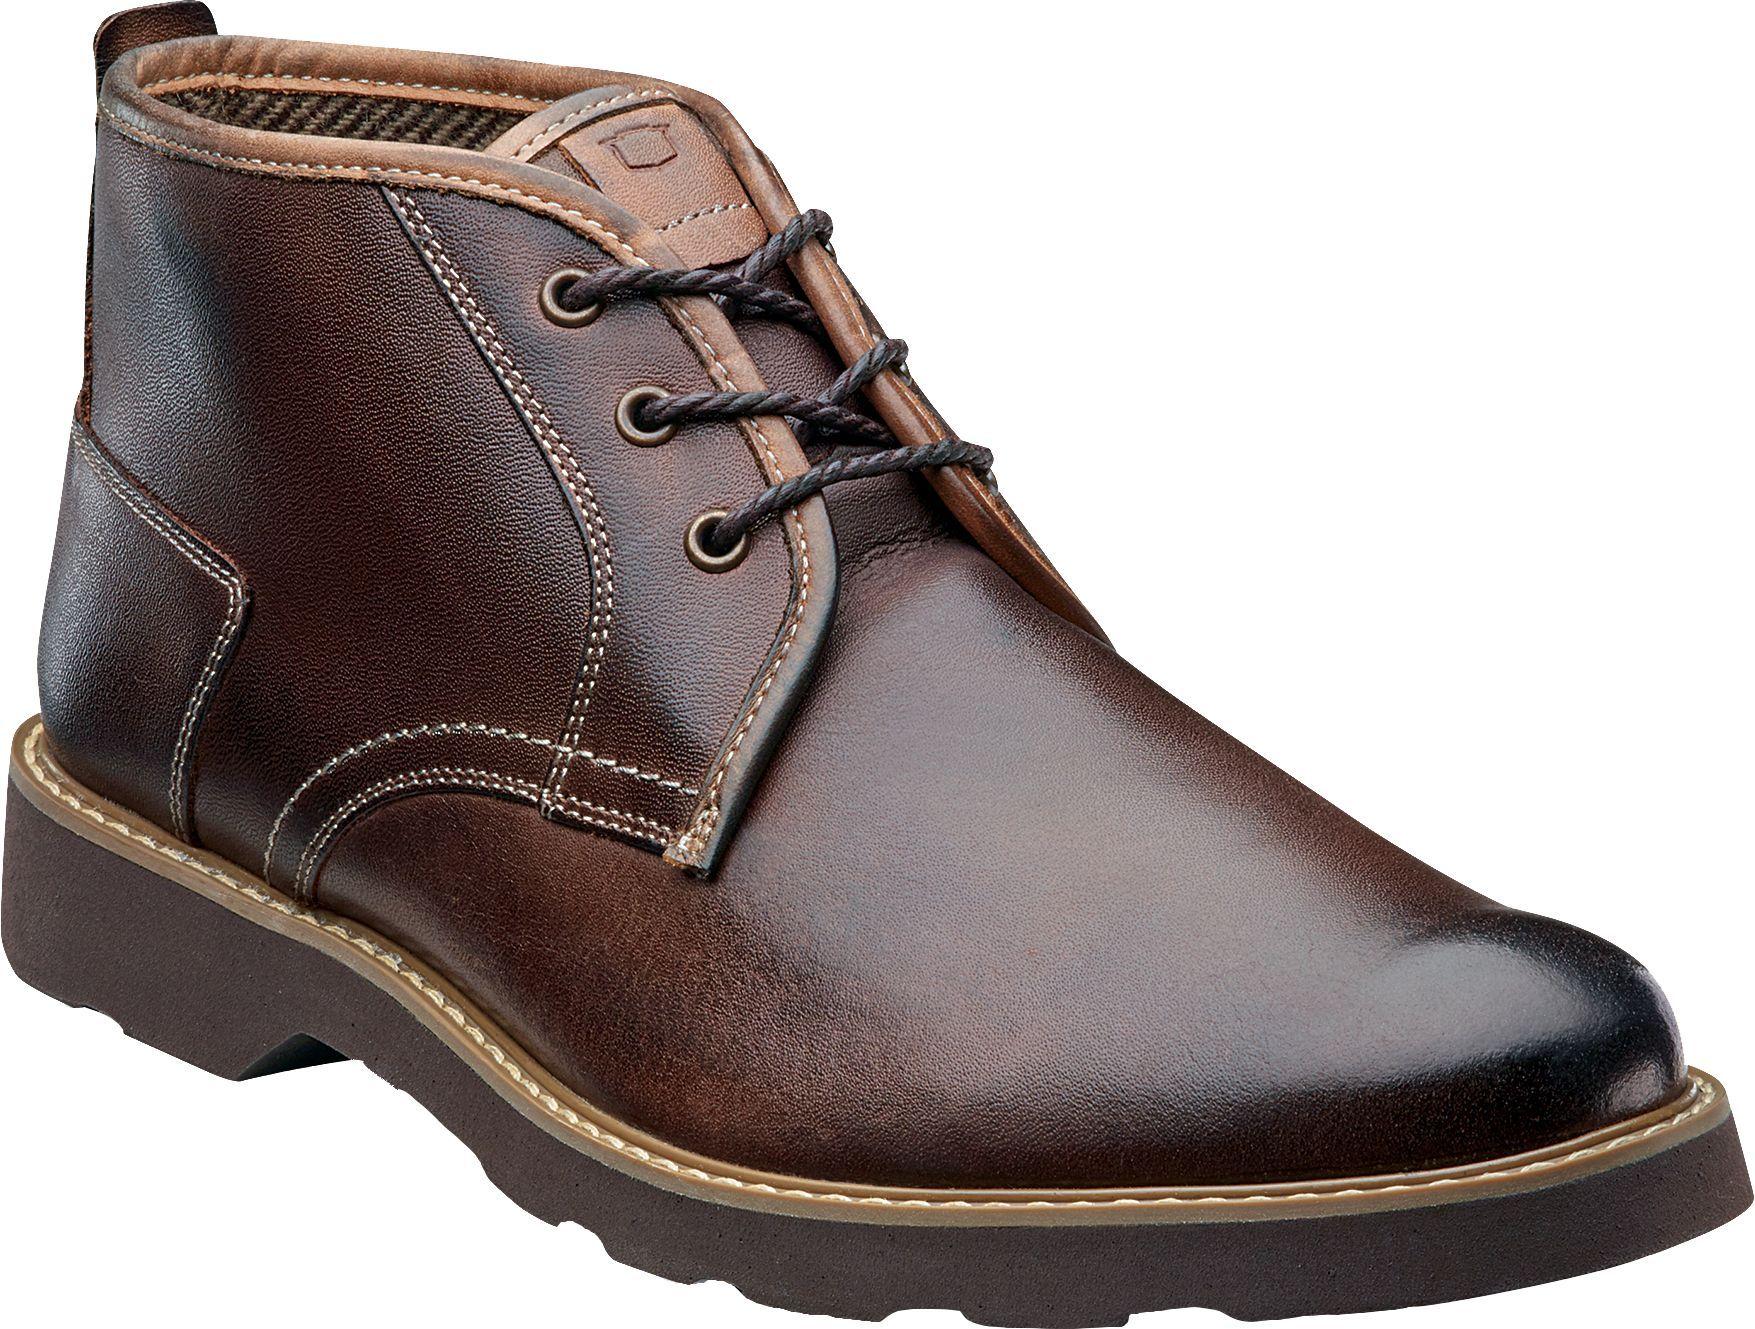 Florsheim Casey Chukka Boot CLEARANCE | Boots